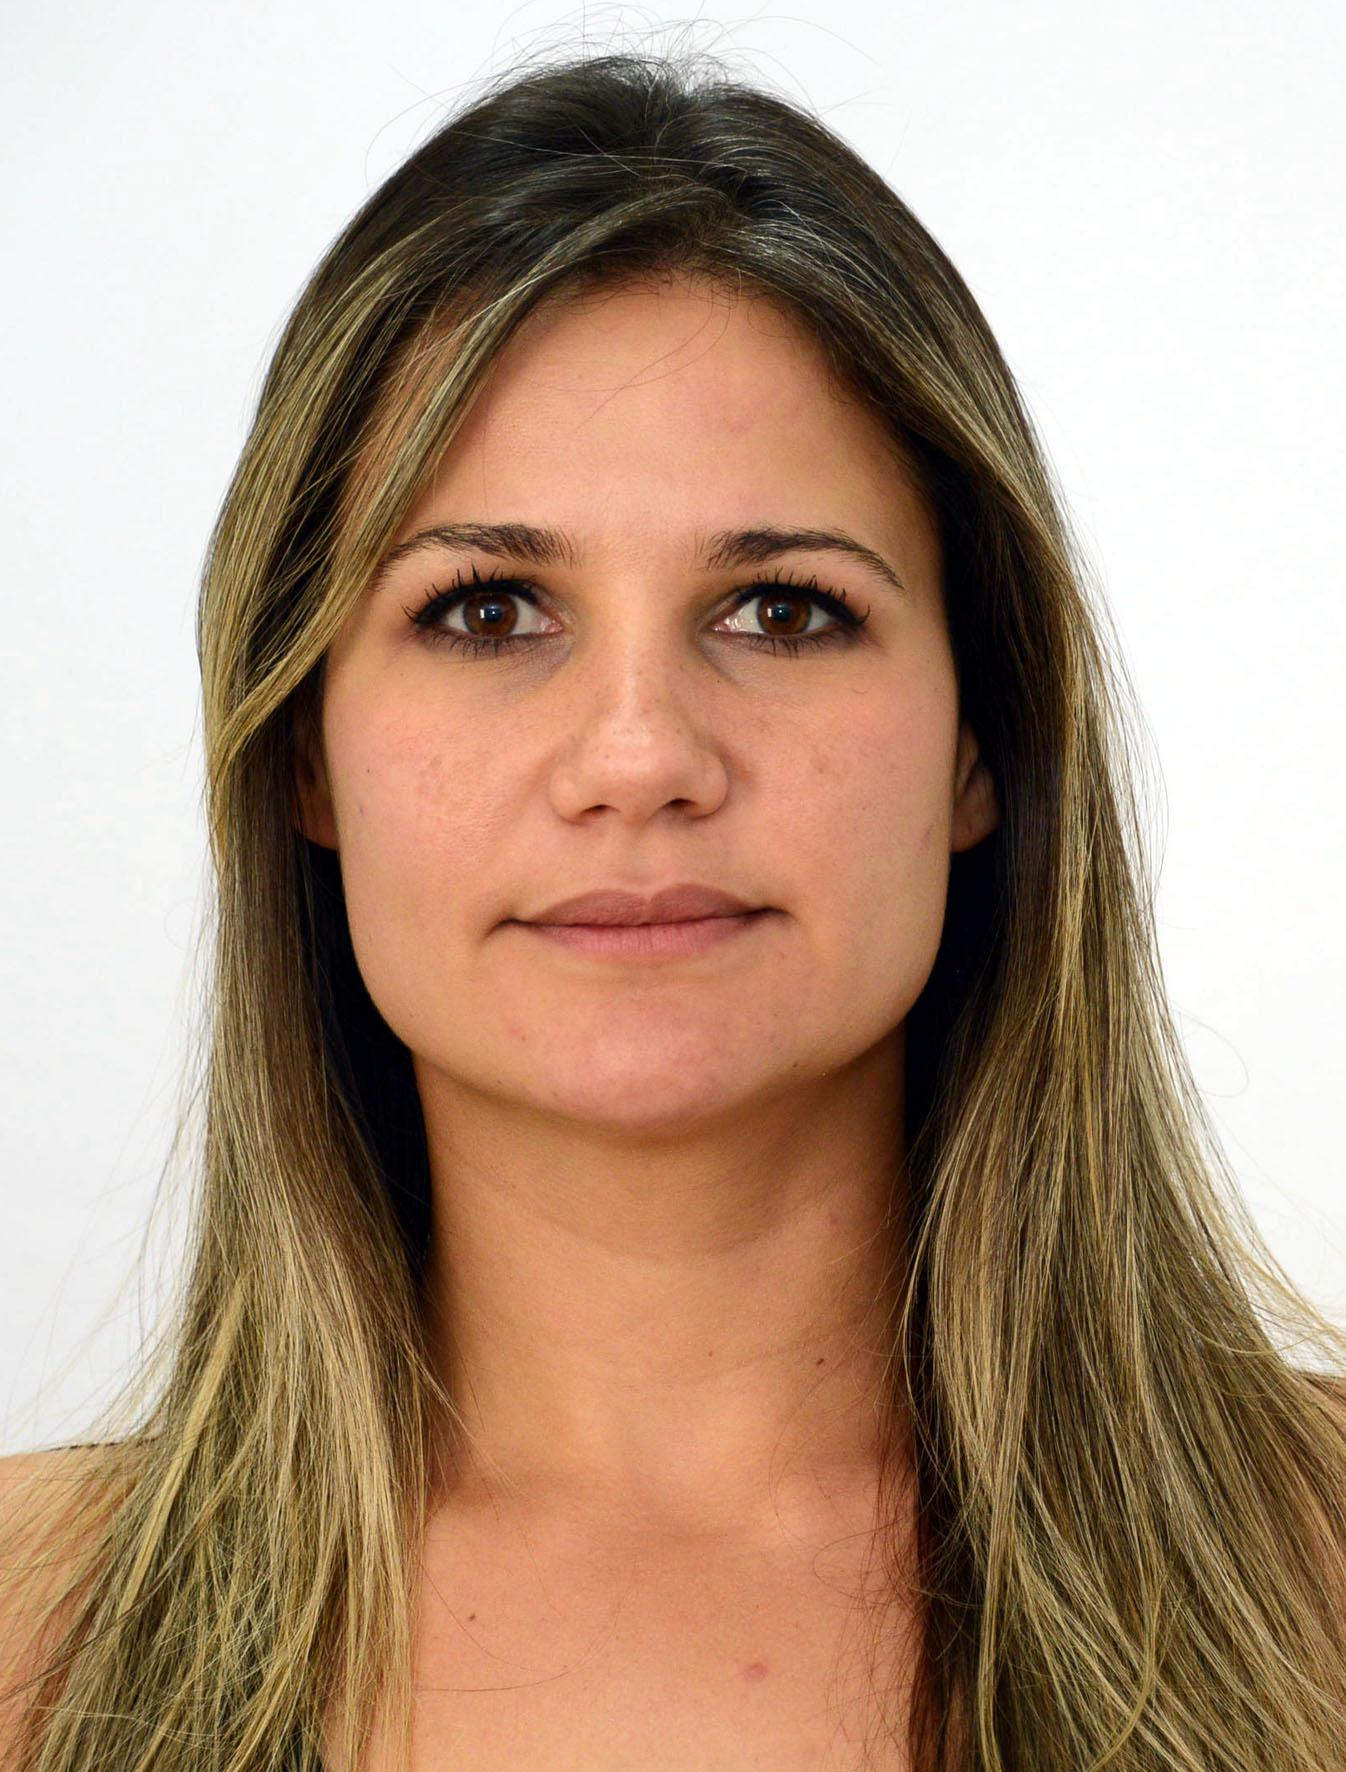 Karolyne Kruger Carvalho Eing